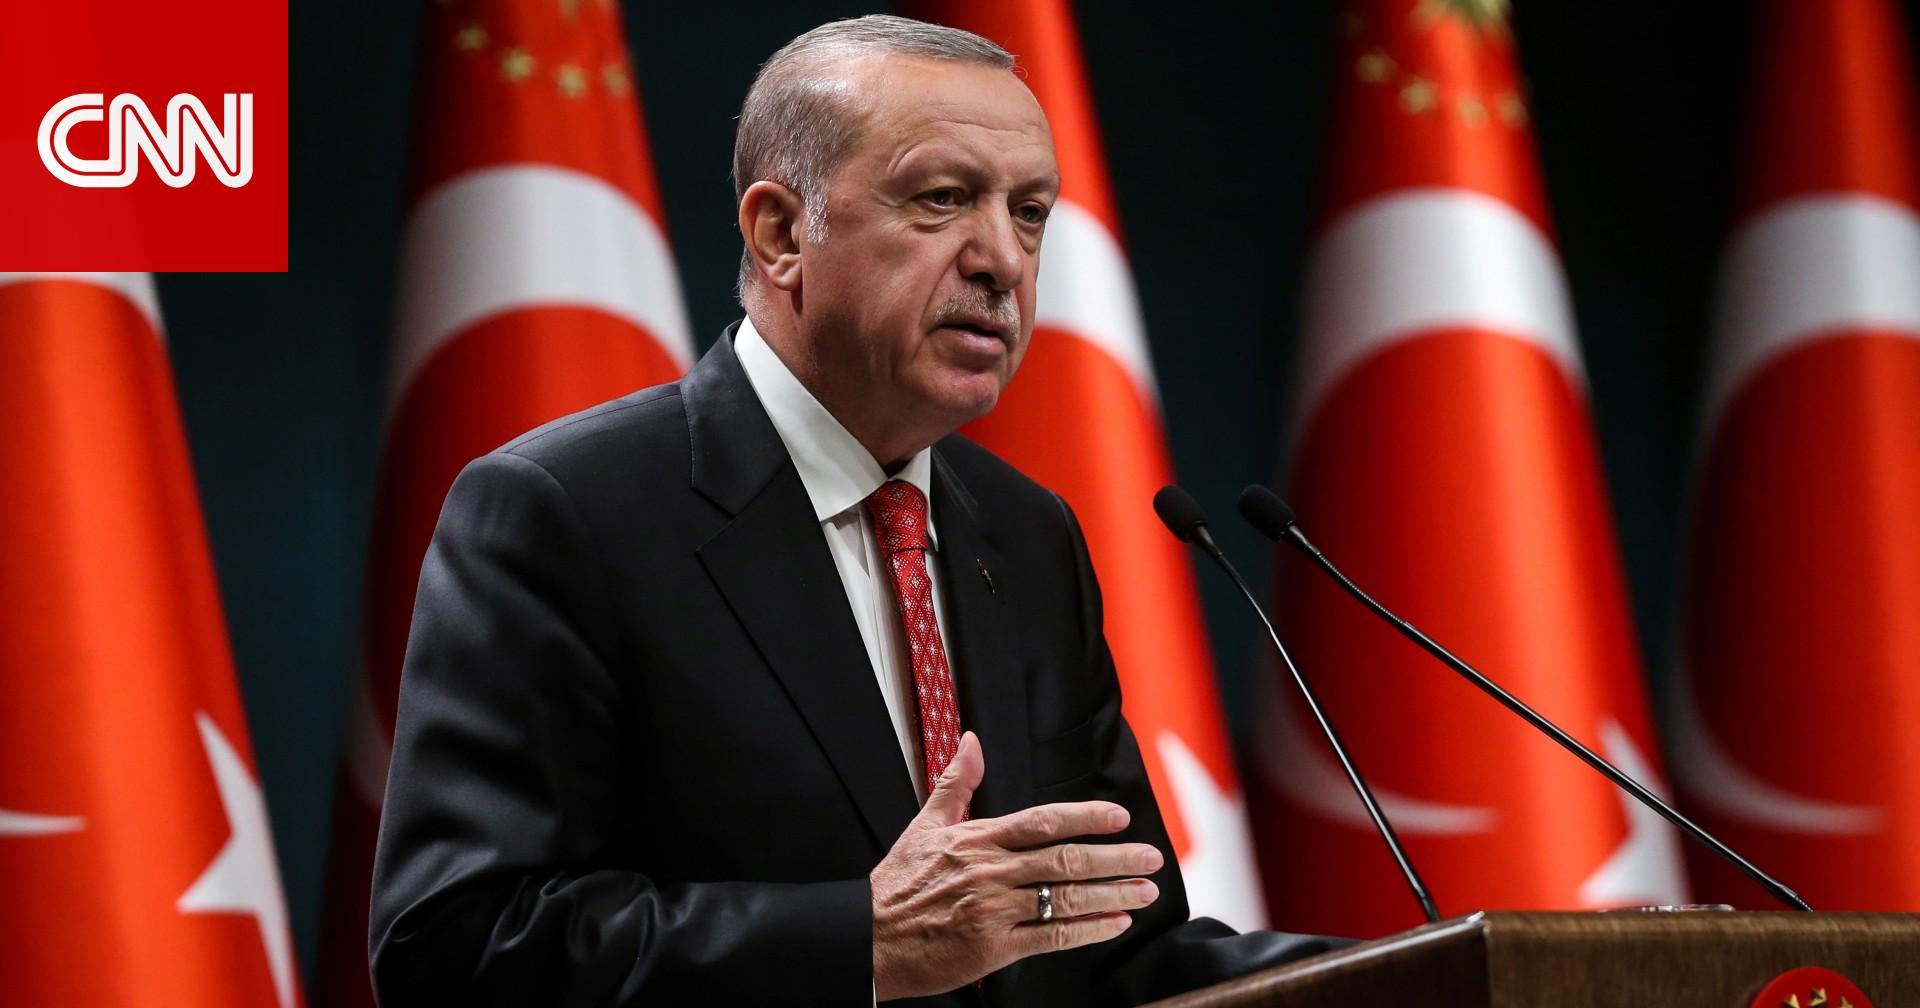 أردوغان: أثق بتغيير النظام العالمي الحالي.. والاقتصاد الإسلامي مفتاح الخروج من الأزمات